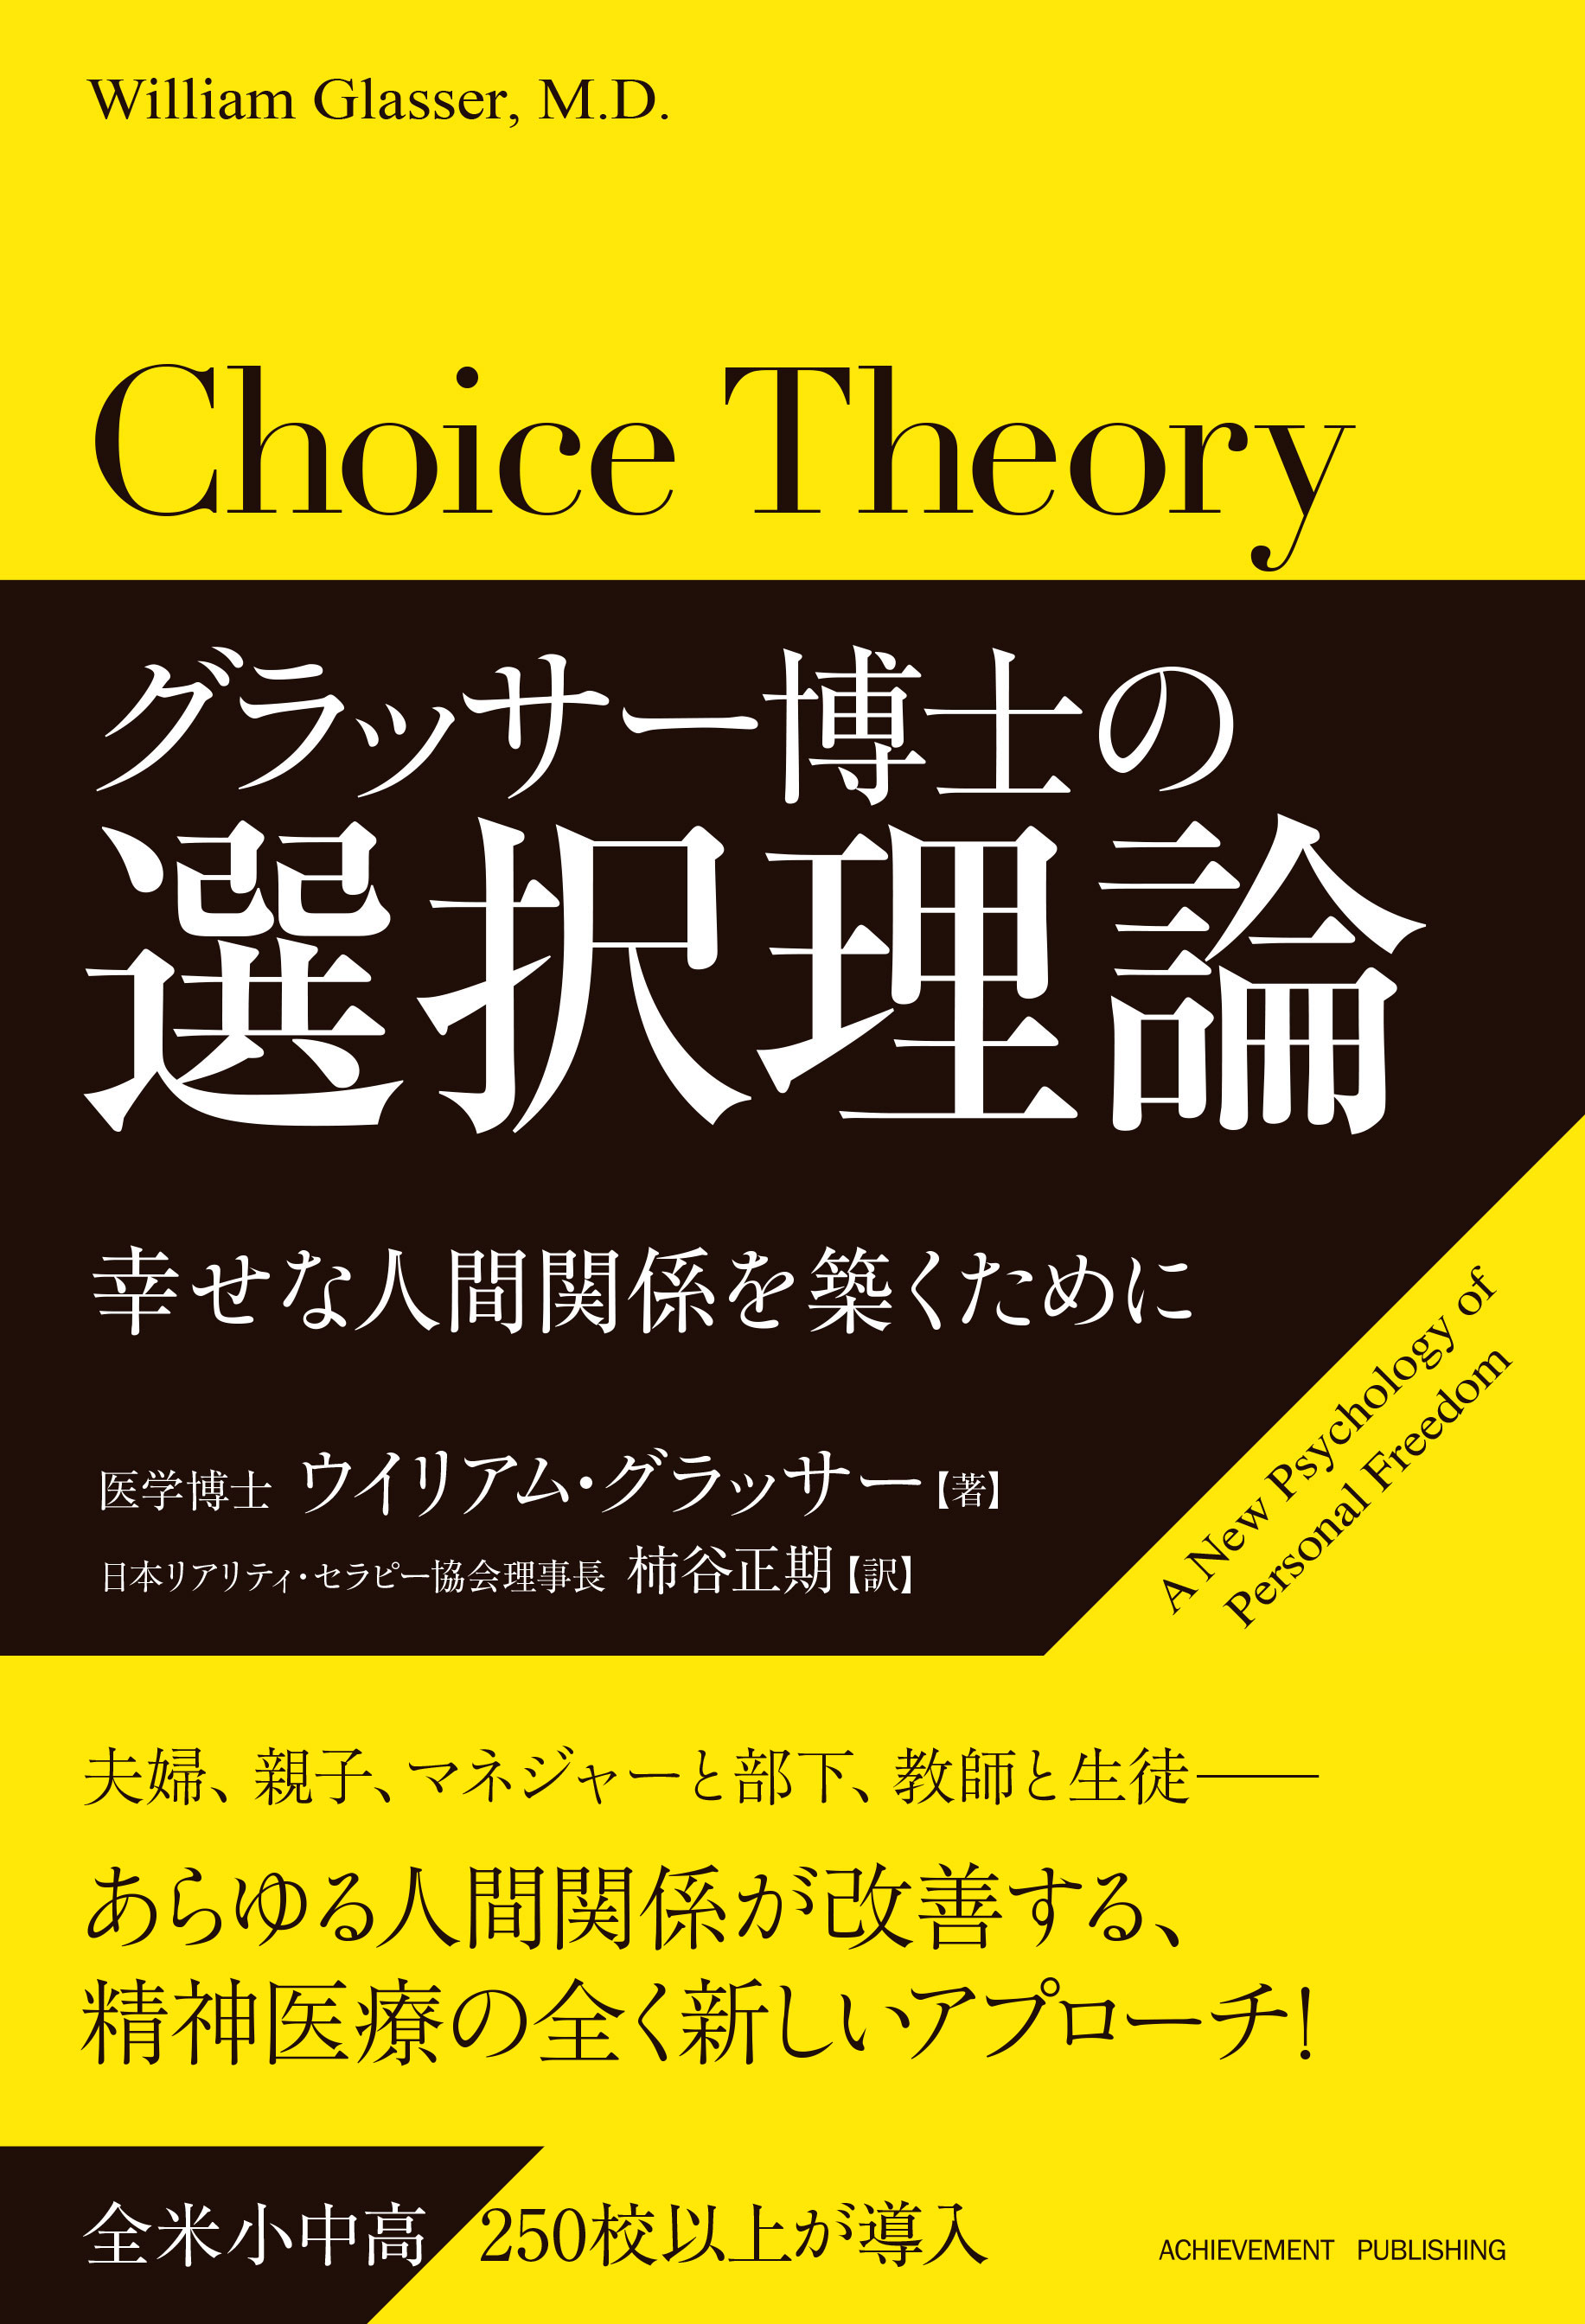 グラッサー博士の選択理論の画像1